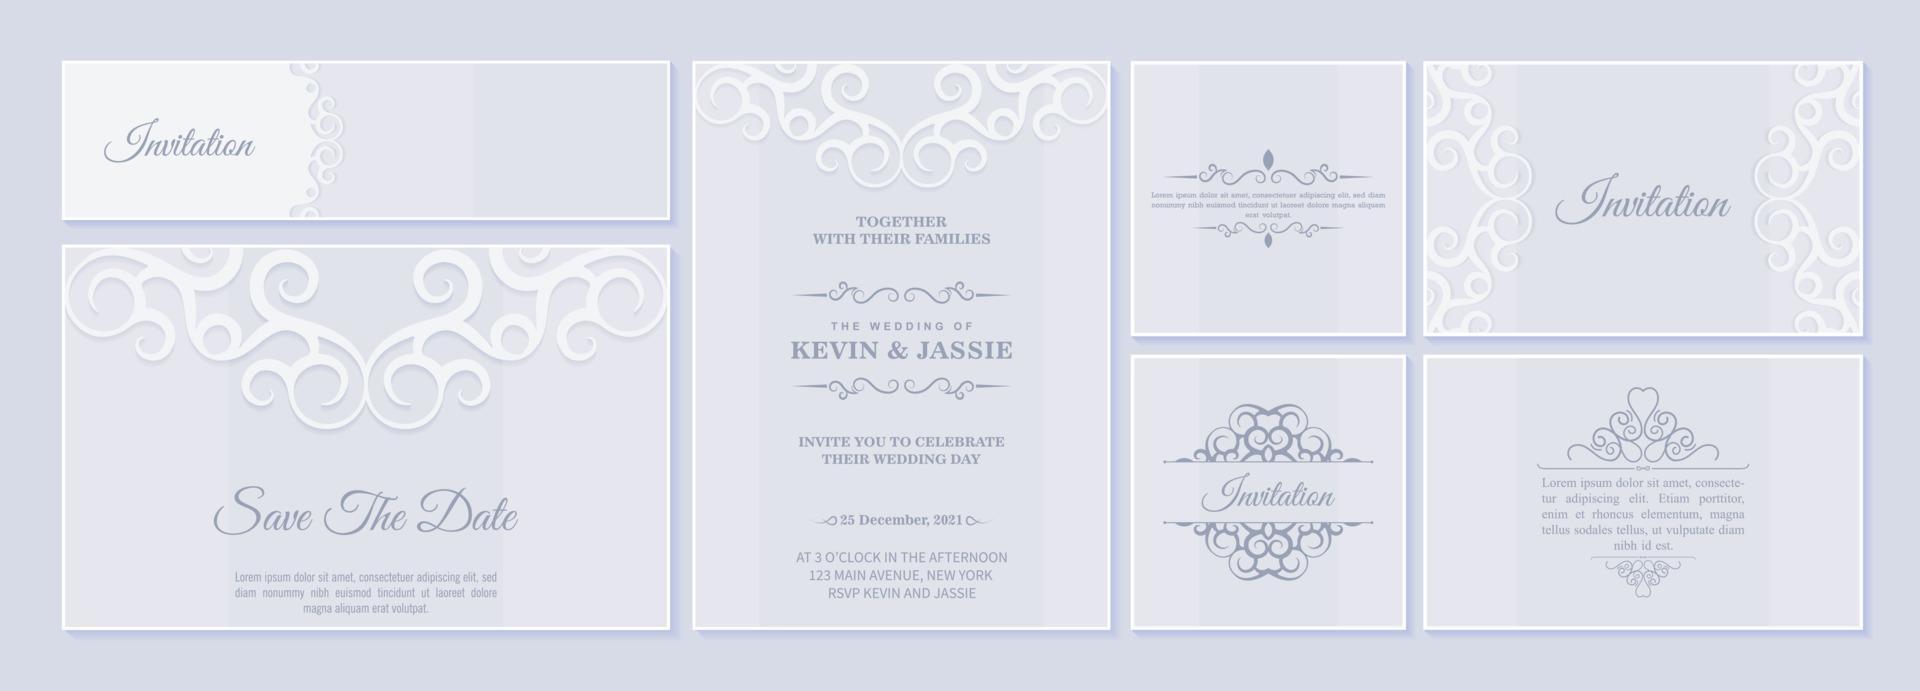 uppsättning bröllopinbjudningskort med blommiga ornament vektor